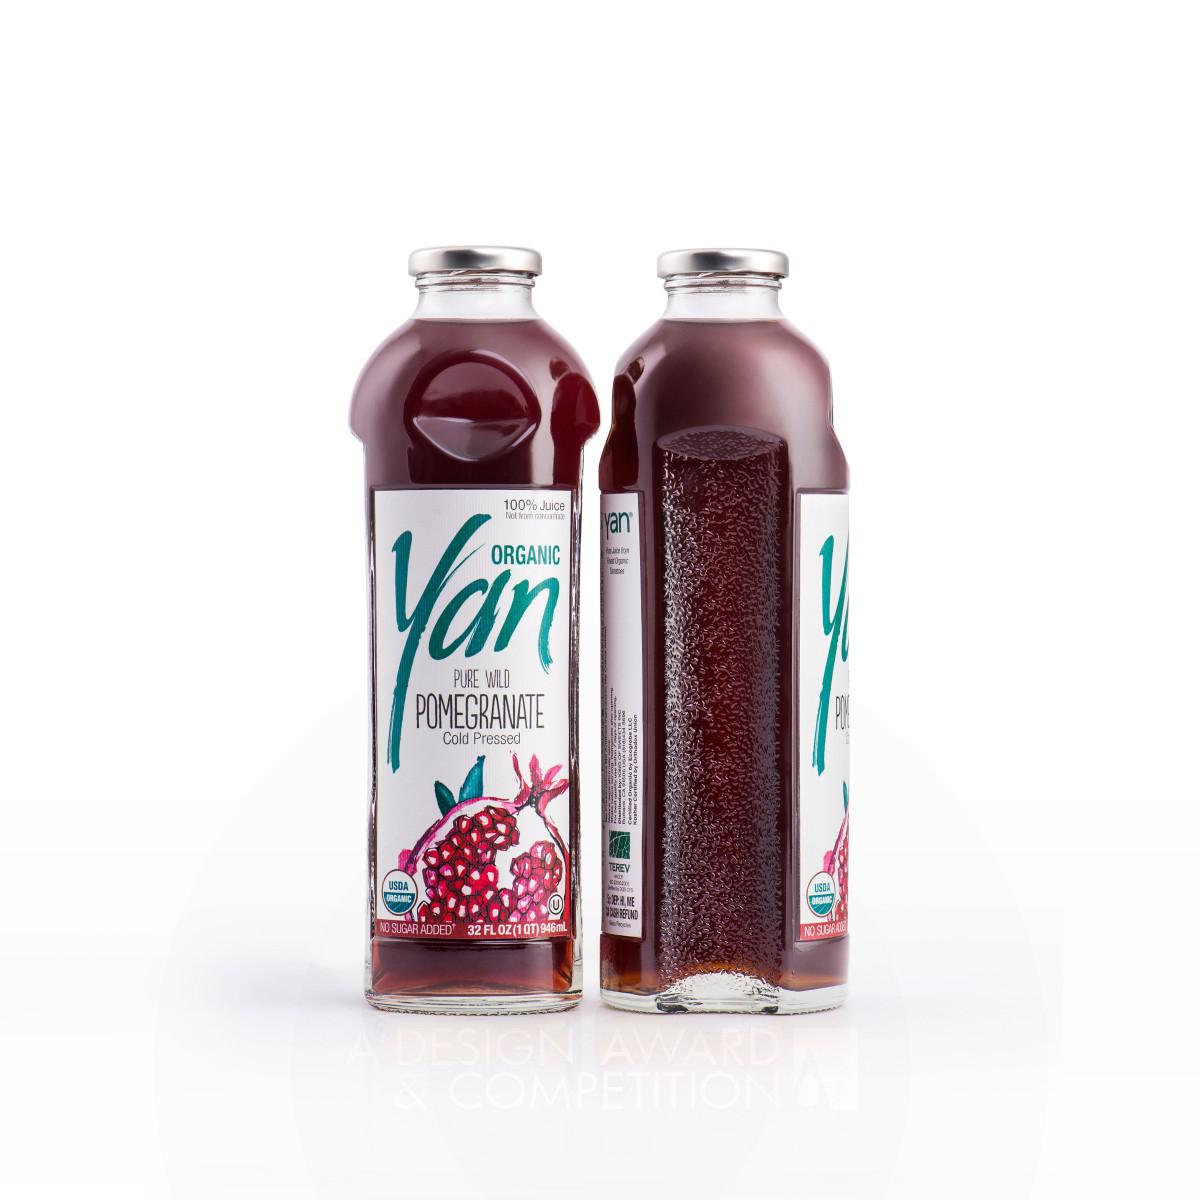 Yan Natural Juice Packaging